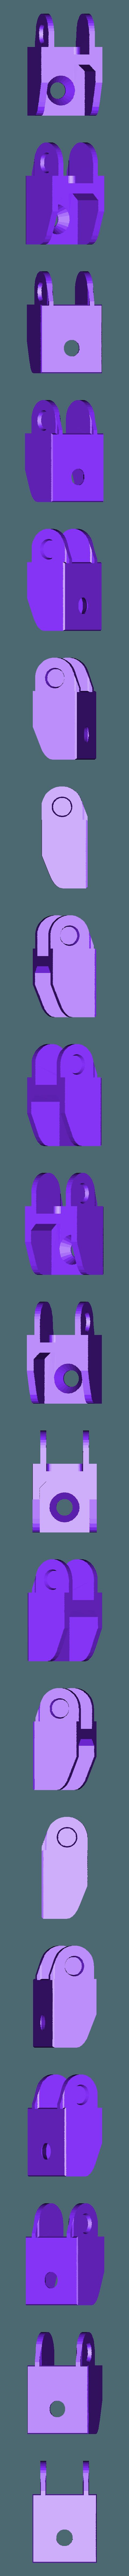 CableChainEndBflat.stl Télécharger fichier STL gratuit Chaîne de câble pour rail de 20mm • Design à imprimer en 3D, Lassaalk